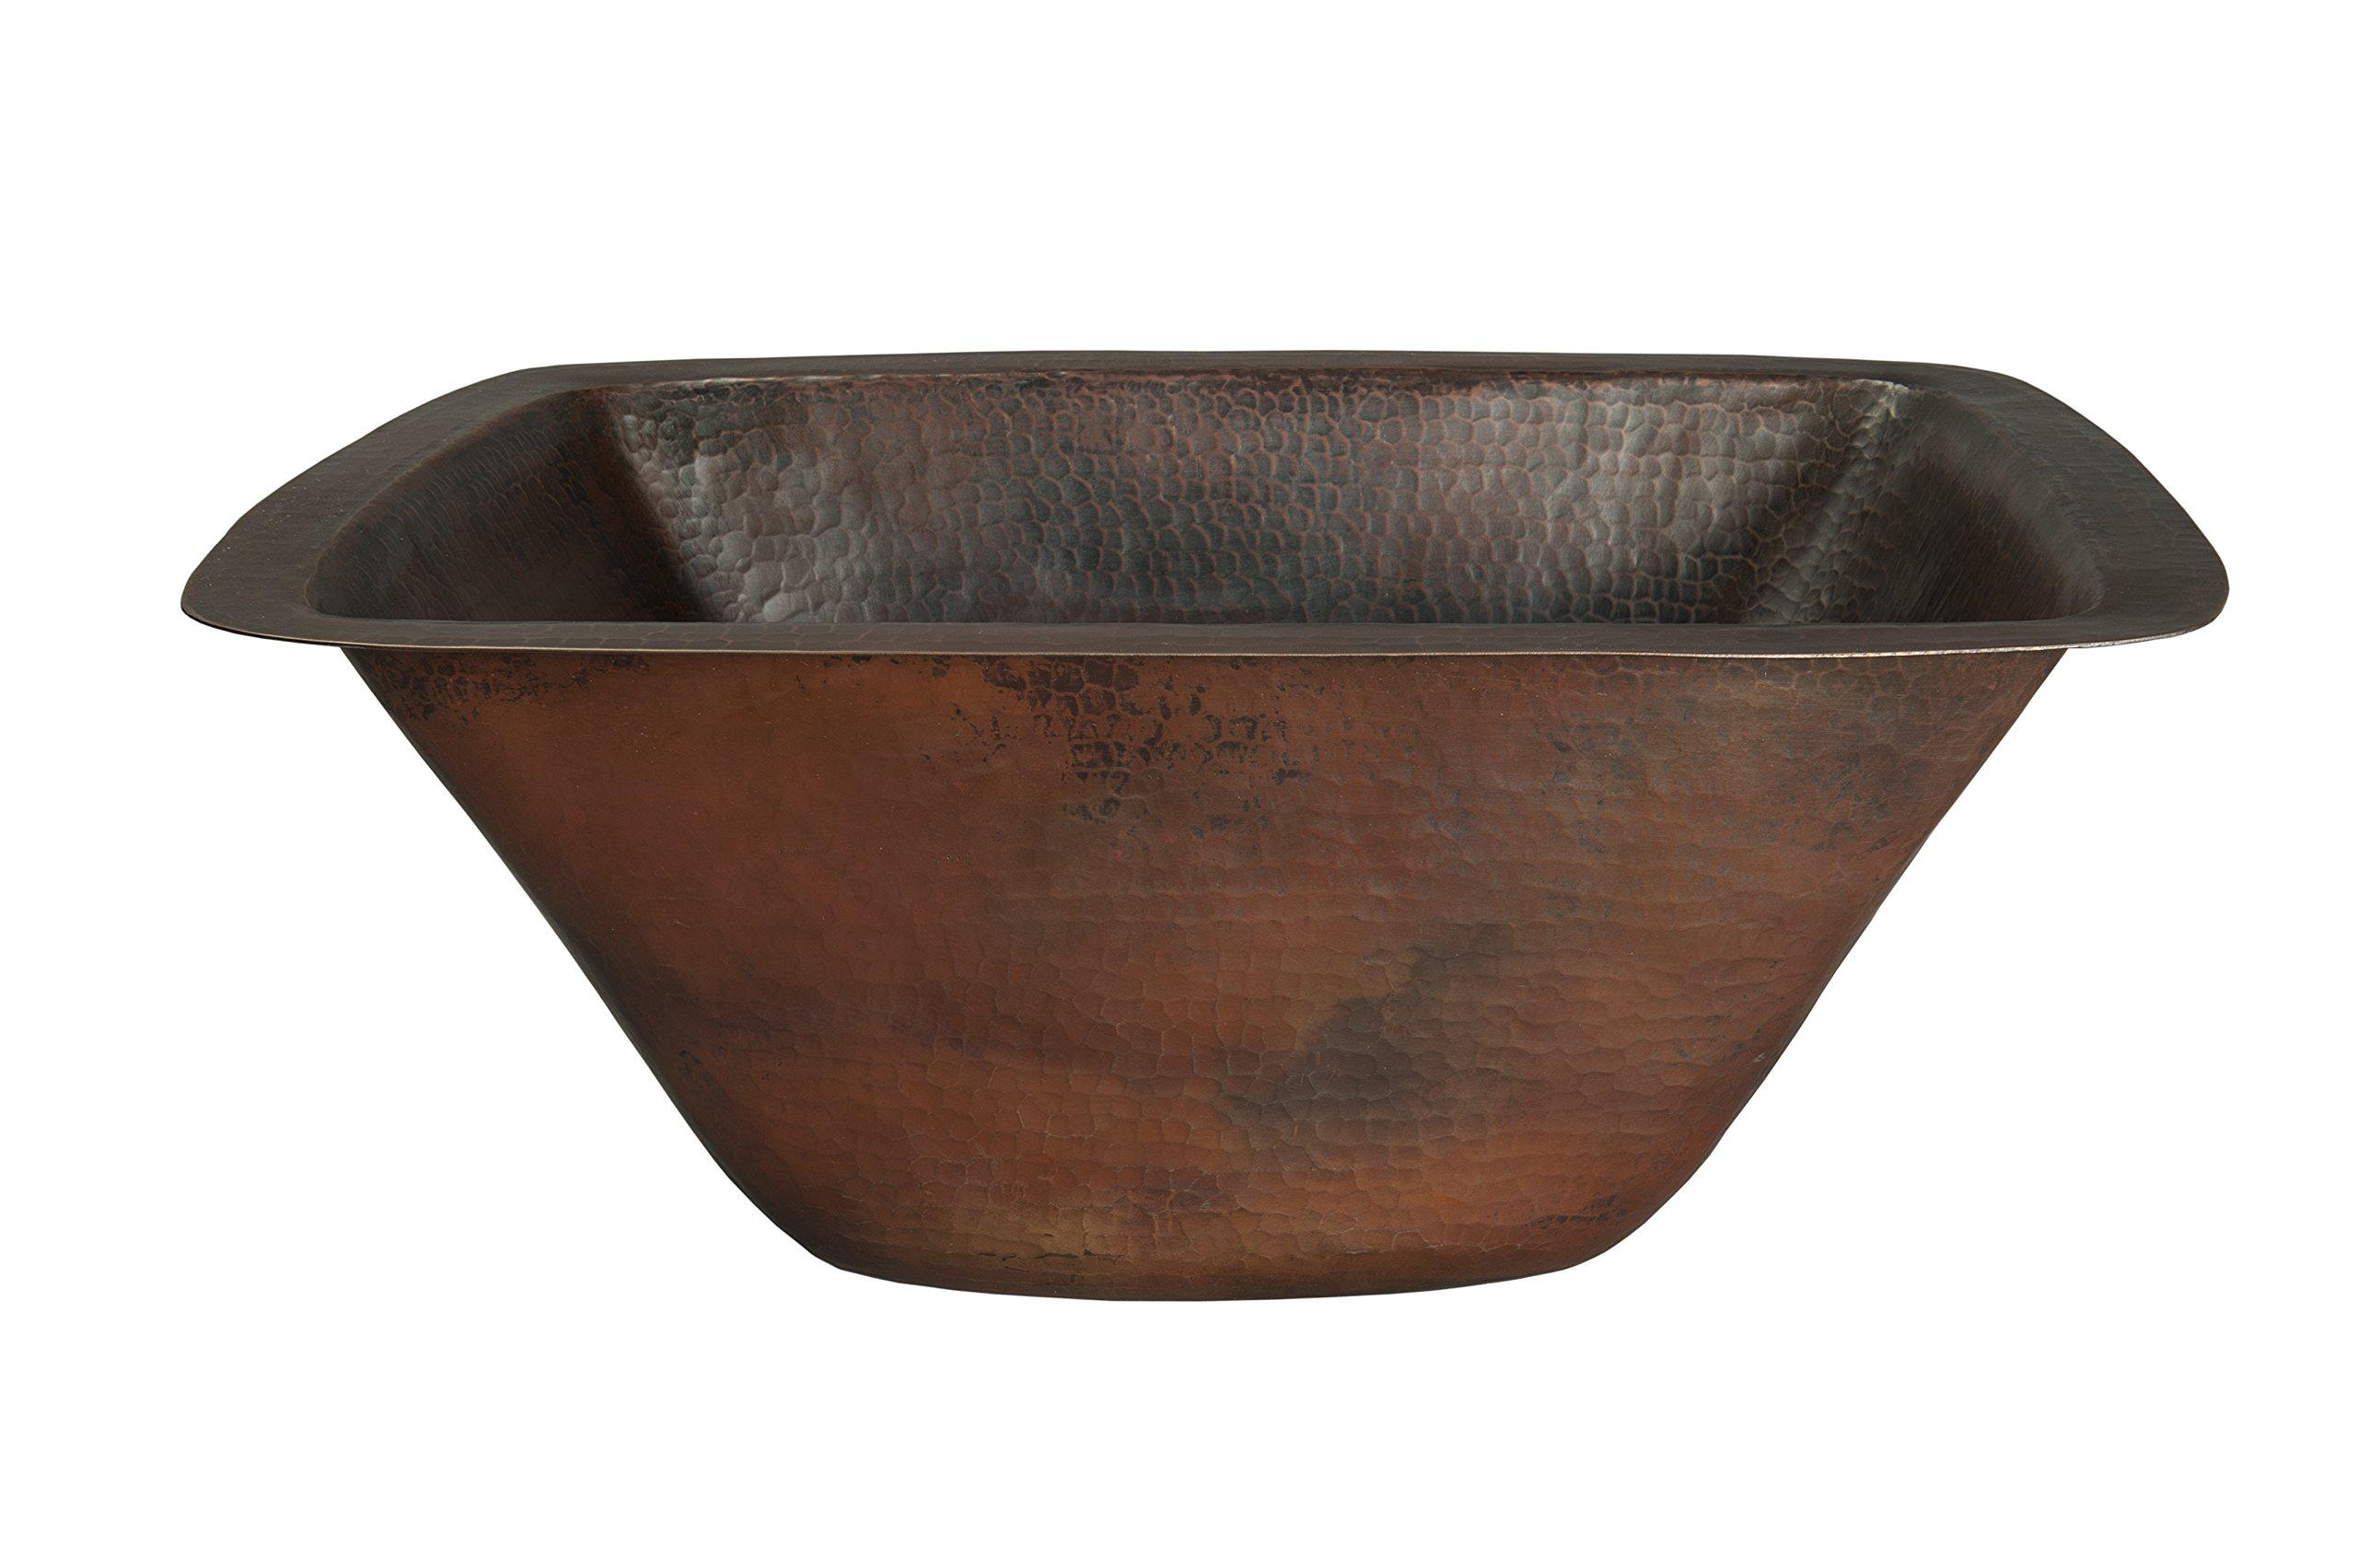 Novatto CORDOBA Copper Bar Sink, Antique by Novatto